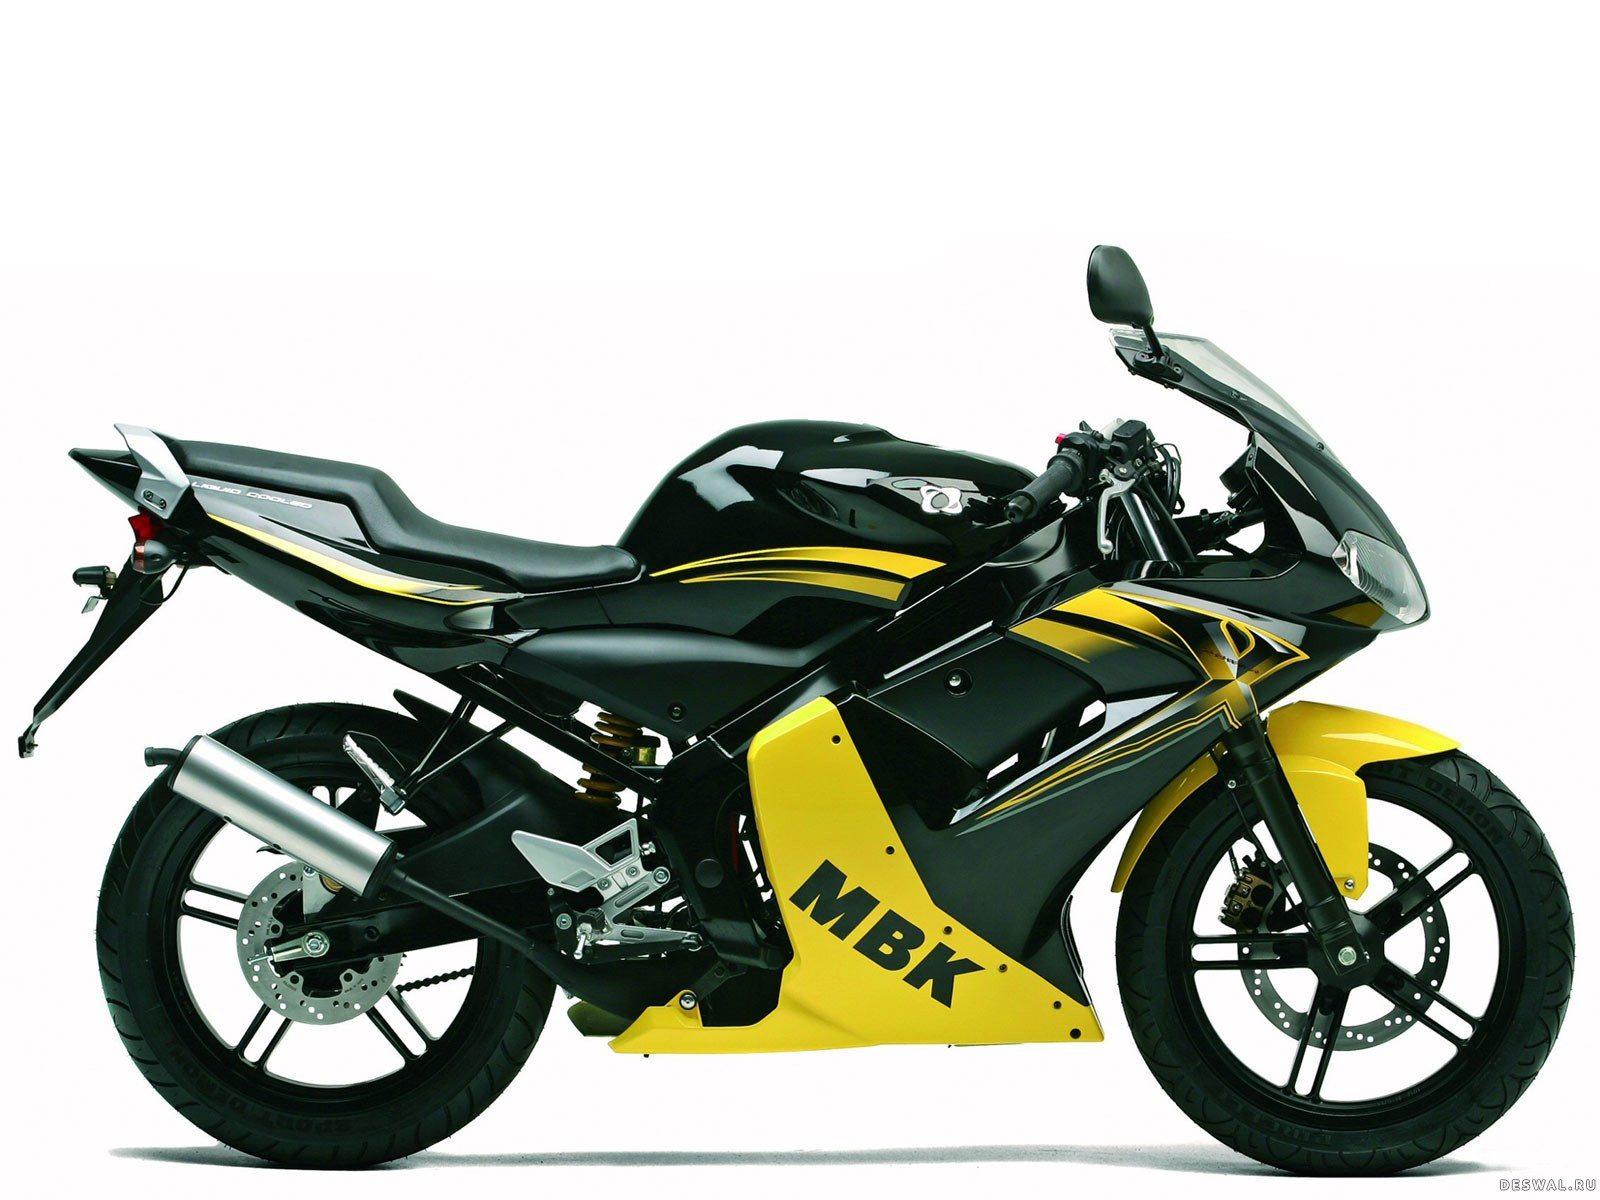 Мотоцикл МБК на замечательной фотографии. Нажмите на картинку с обоями мотоцикла mbk, чтобы просмотреть ее в реальном размере